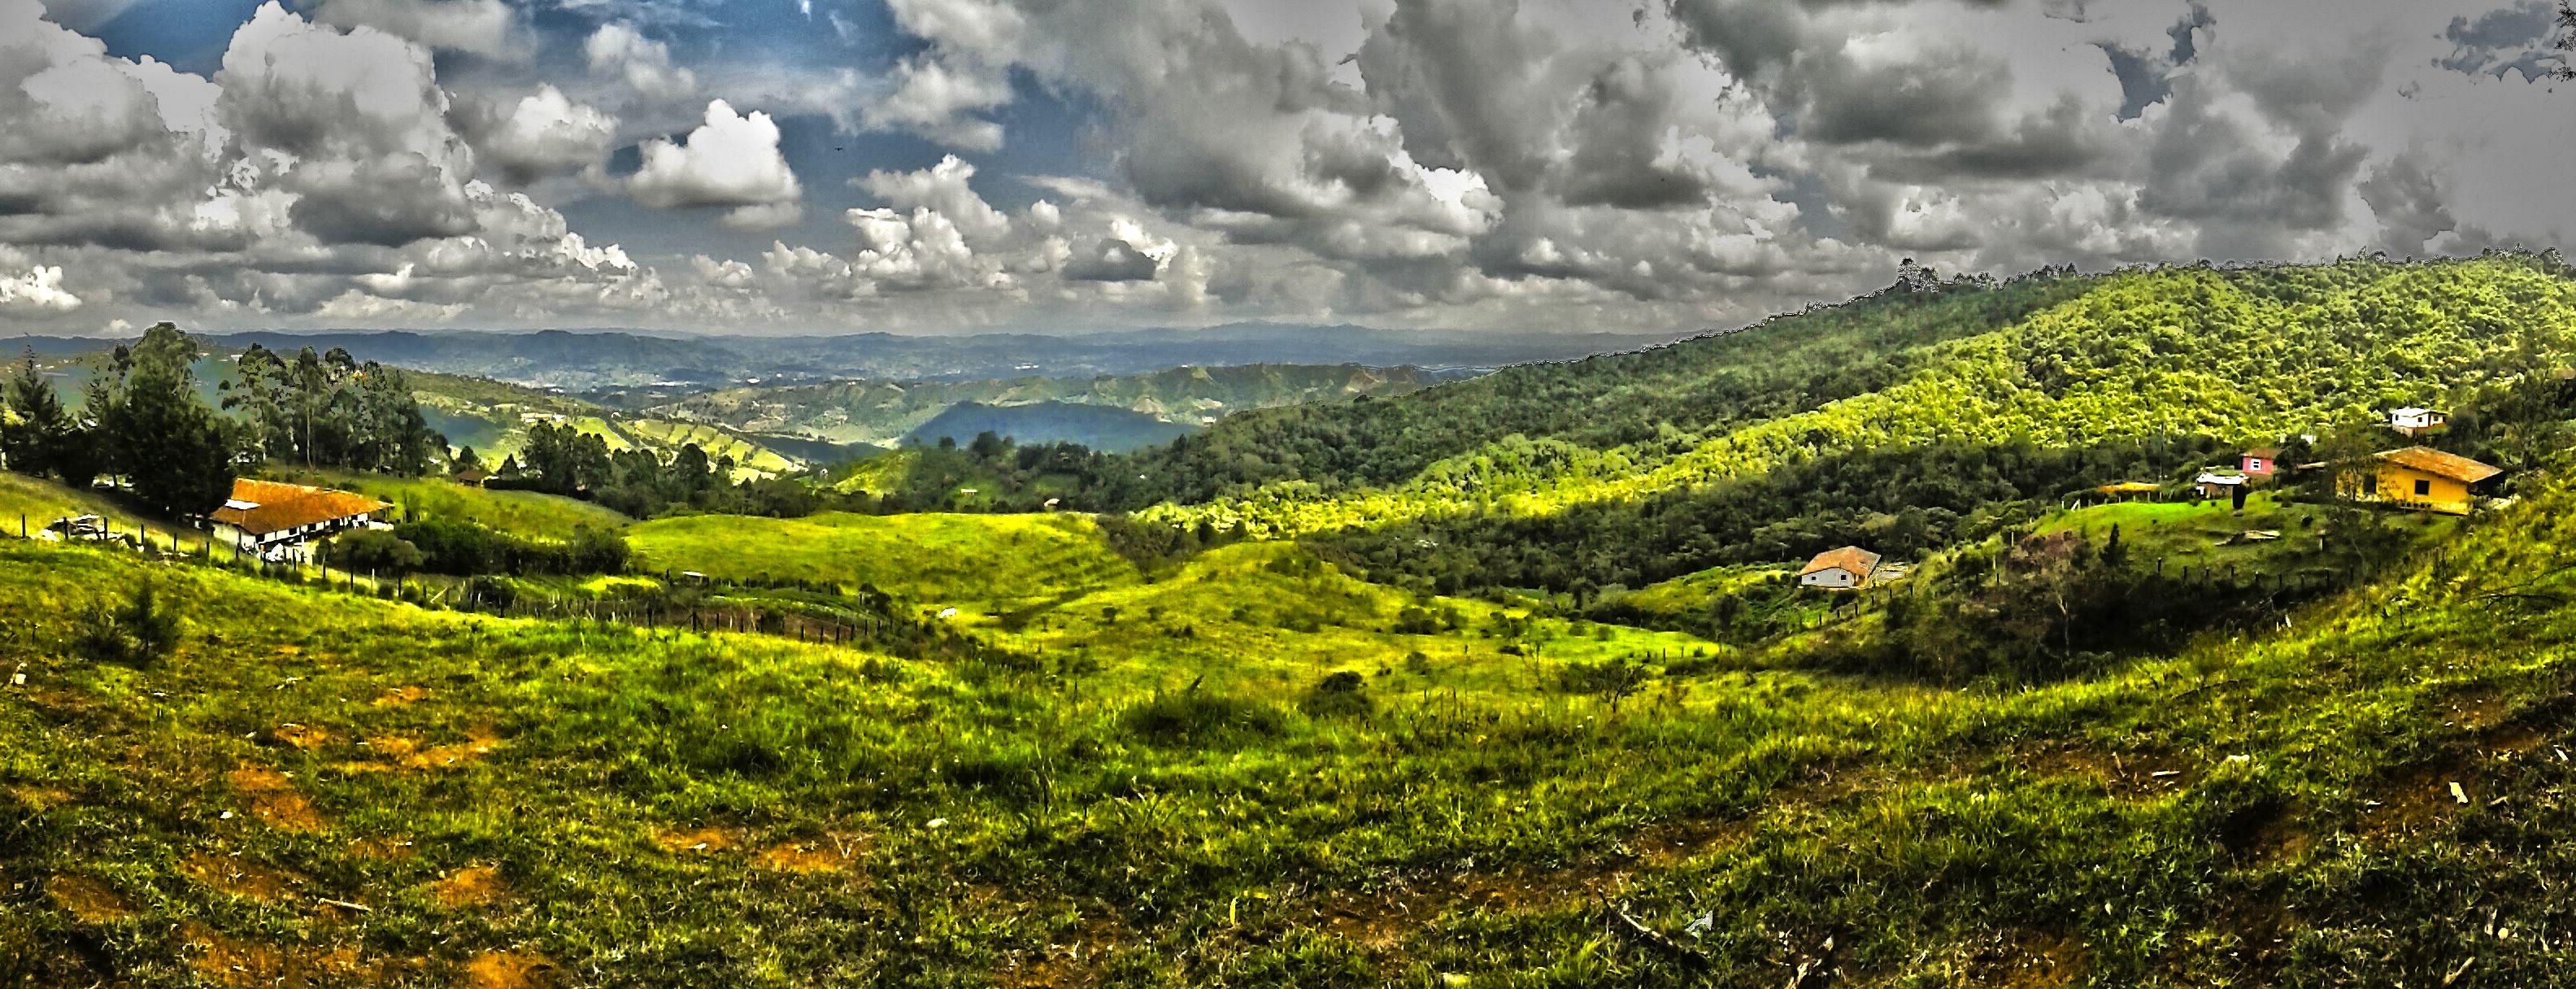 Caminando Entre Veredas Y Bosques En El Corregimiento De Santa Elena Medellin Landscape Medellin Around The Worlds